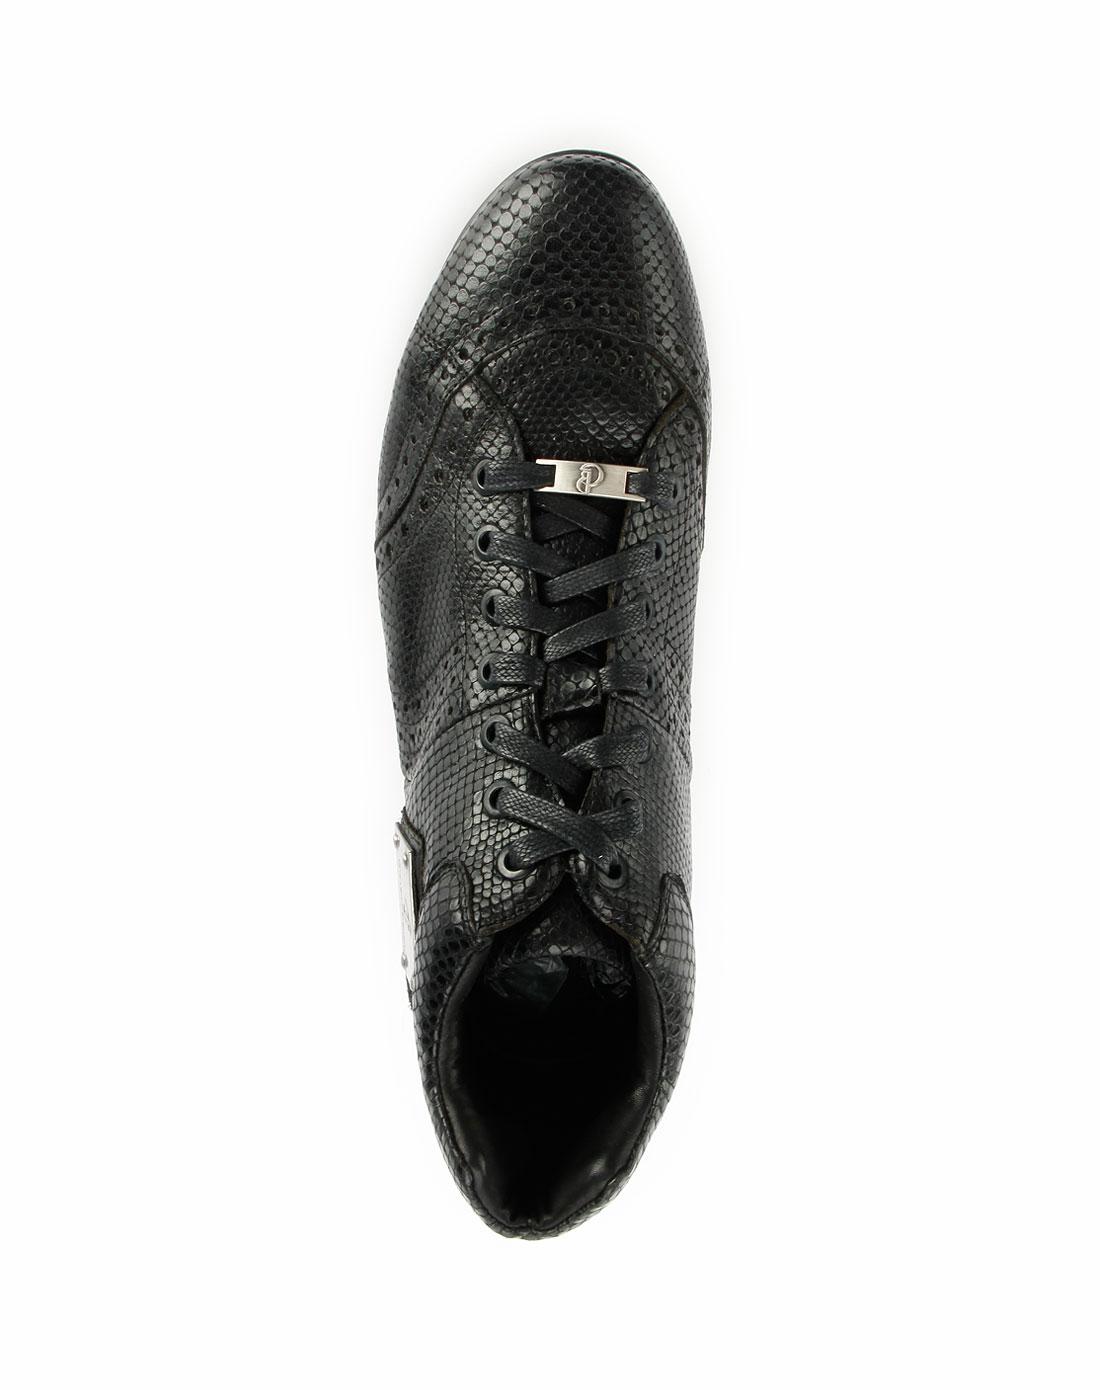 黑色高帮蛇纹系带休闲皮鞋